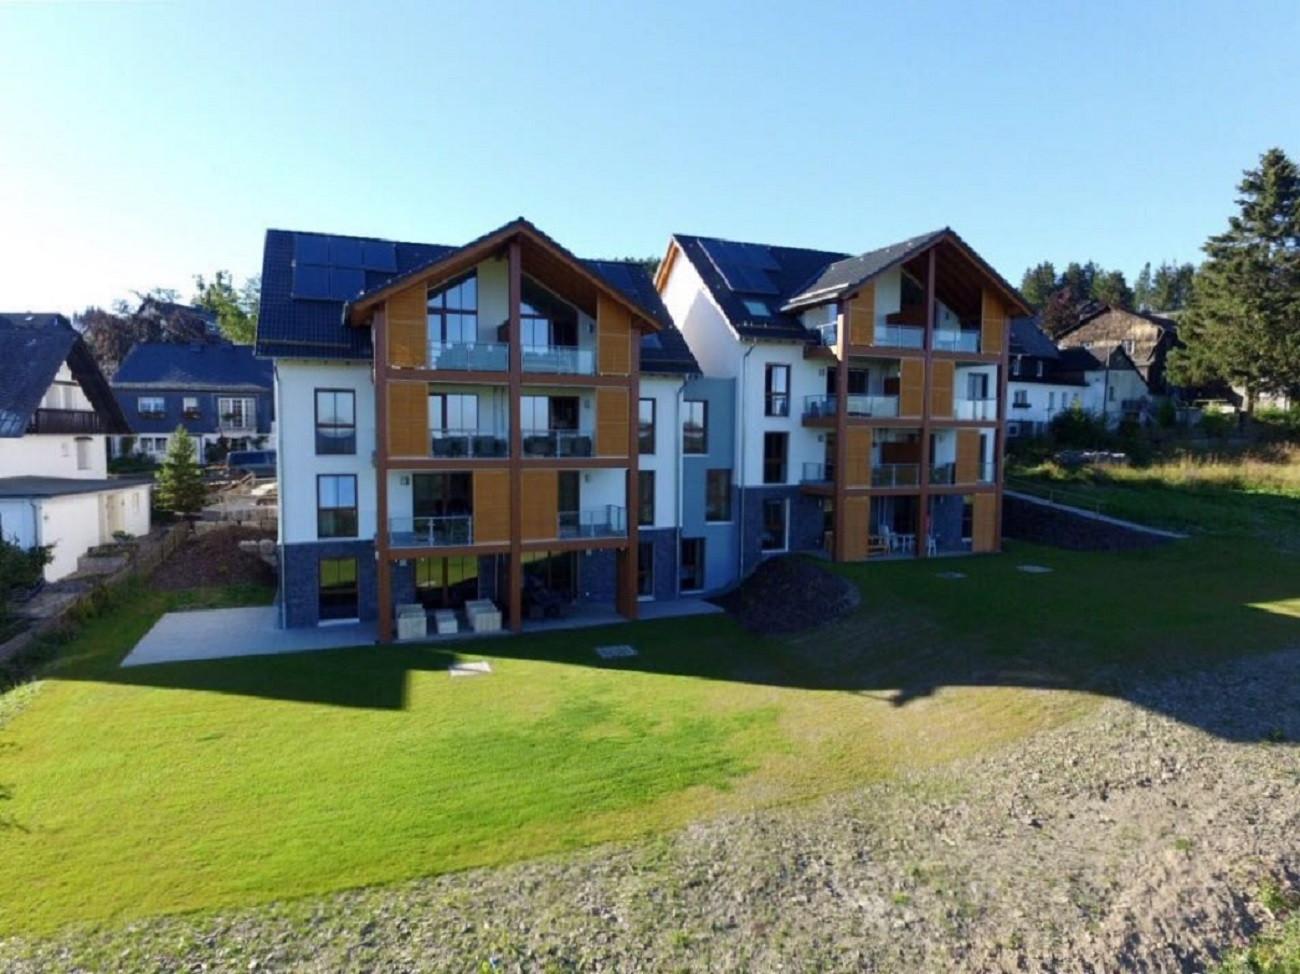 Korting vakantiehuisje Sauerland 🏕️UplandParcs Residence Astenberg